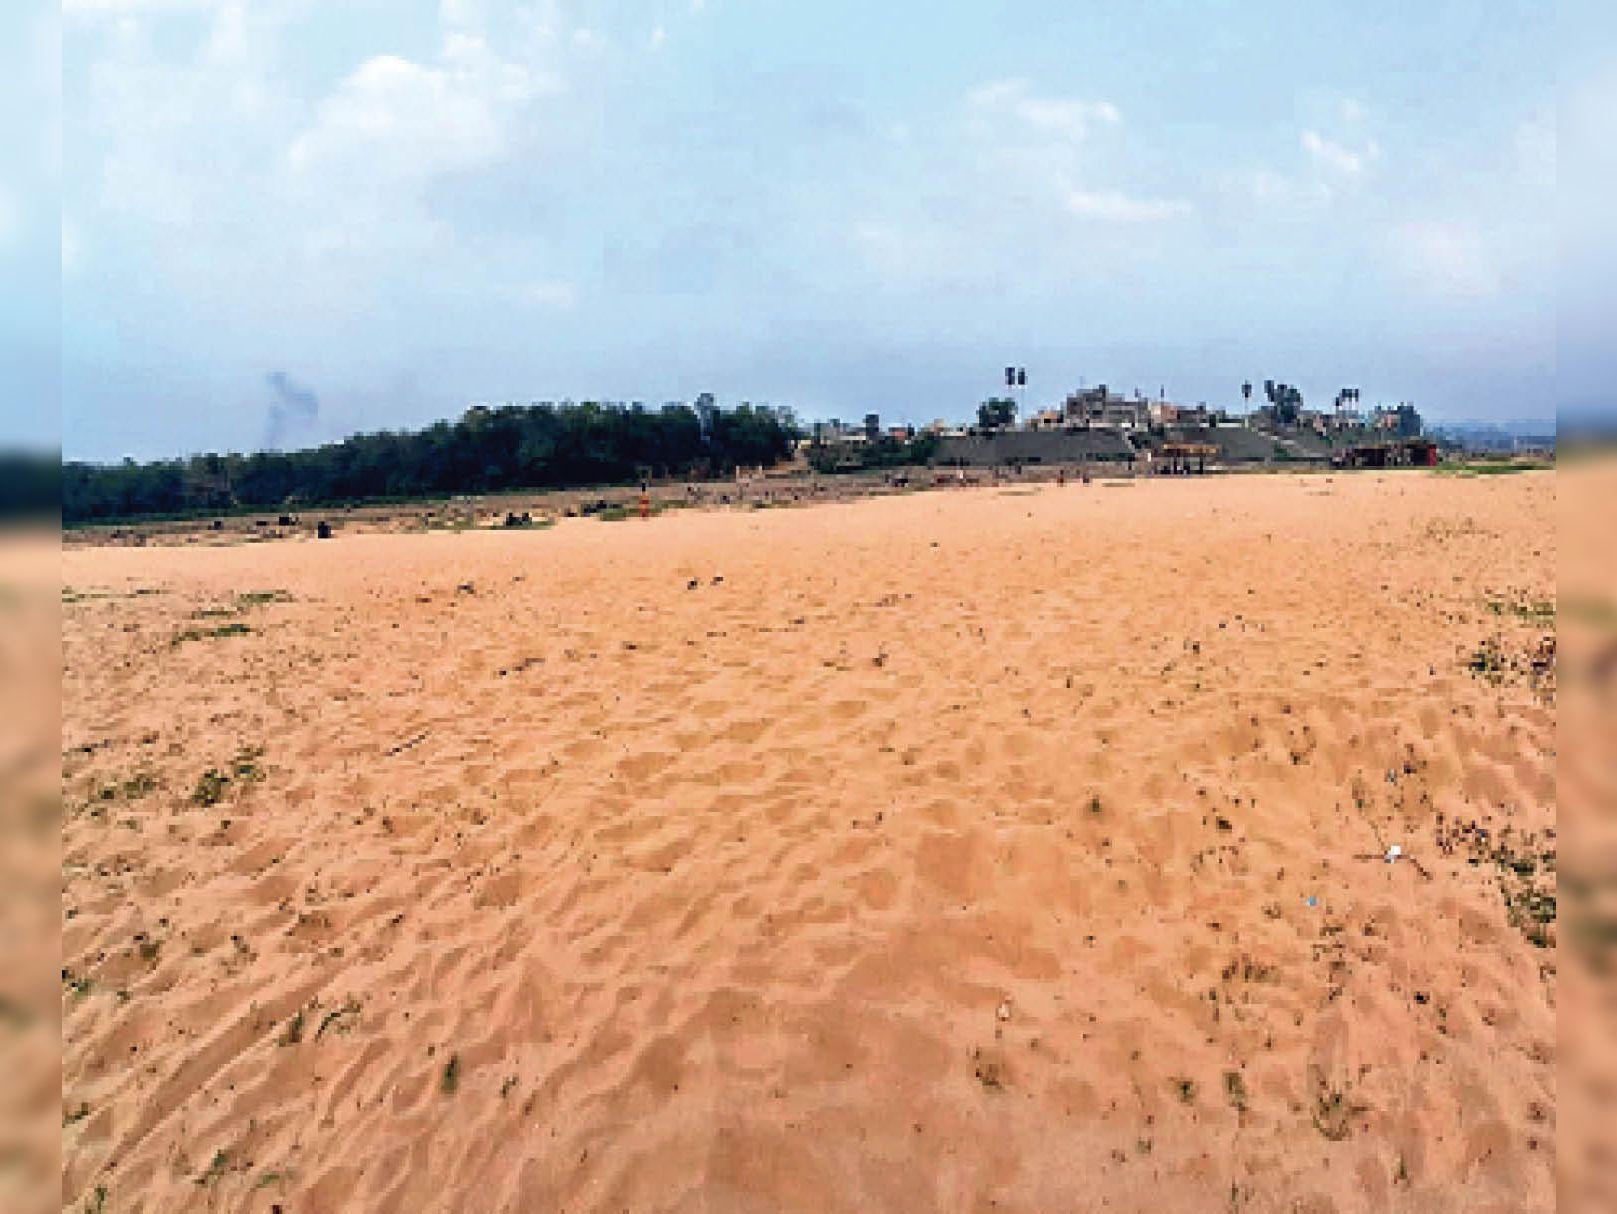 तस्वीर बागबेड़ा के बड़ौदा घाट के दूसरी छोर की है। गर्मी बढ़ने पर खरकई नदी का जलस्तर काफी कम हो गया है। नतीजतन जहां तक नजरें जाती हैं, सिर्फ रेत ही रेत नजर आता है। - Dainik Bhaskar